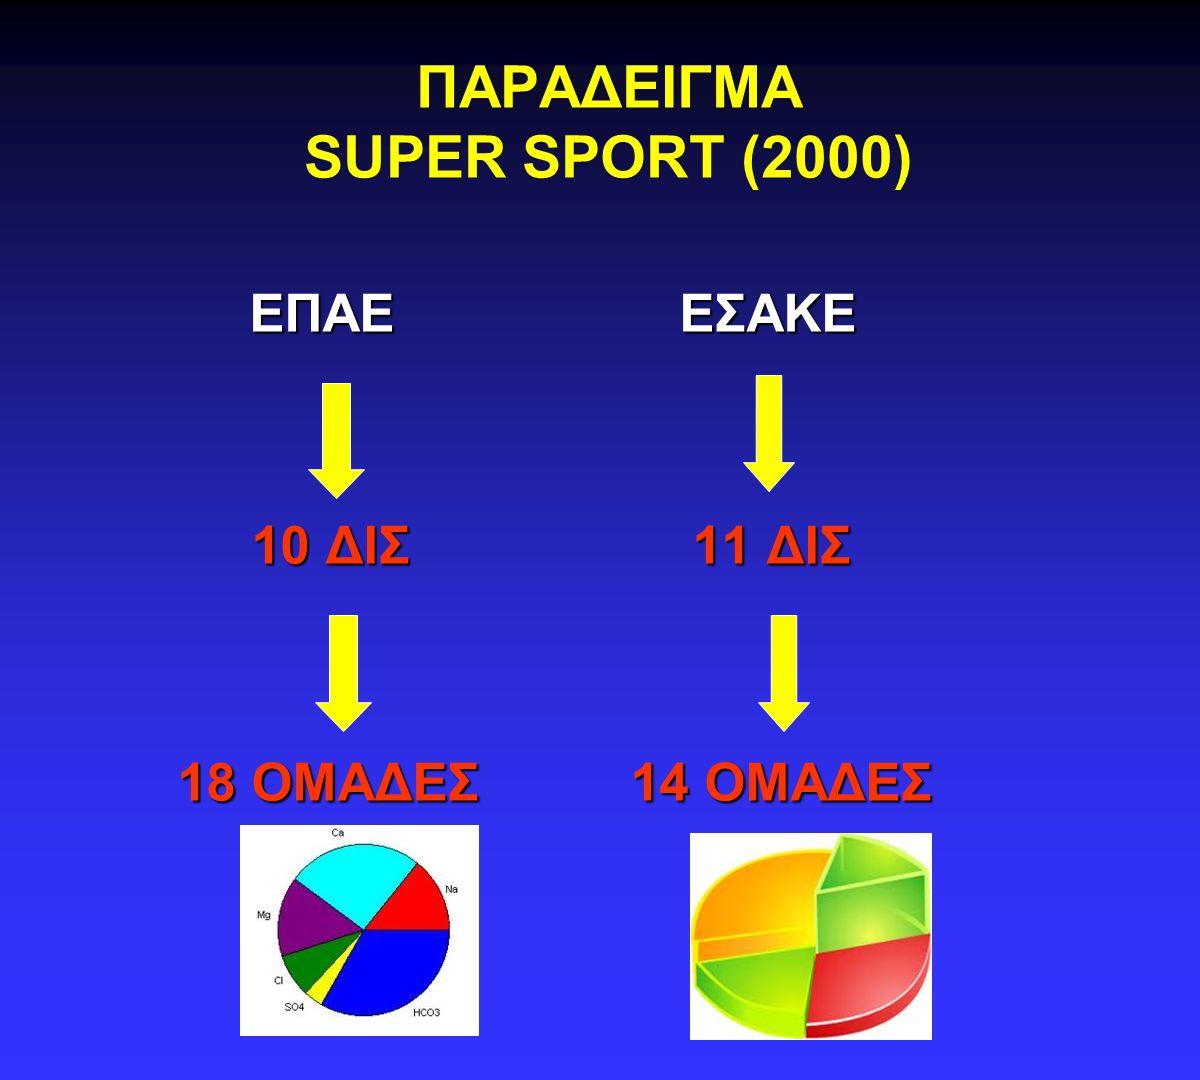 ΠΑΡΑΔΕΙΓΜΑ SUPER SPORT (2000) ΕΠΑΕ ΕΣΑΚΕ ΕΠΑΕ ΕΣΑΚΕ 10 ΔΙΣ 11 ΔΙΣ 10 ΔΙΣ 11 ΔΙΣ 18 ΟΜΑΔΕΣ 14 ΟΜΑΔΕΣ 18 ΟΜΑΔΕΣ 14 ΟΜΑΔΕΣ